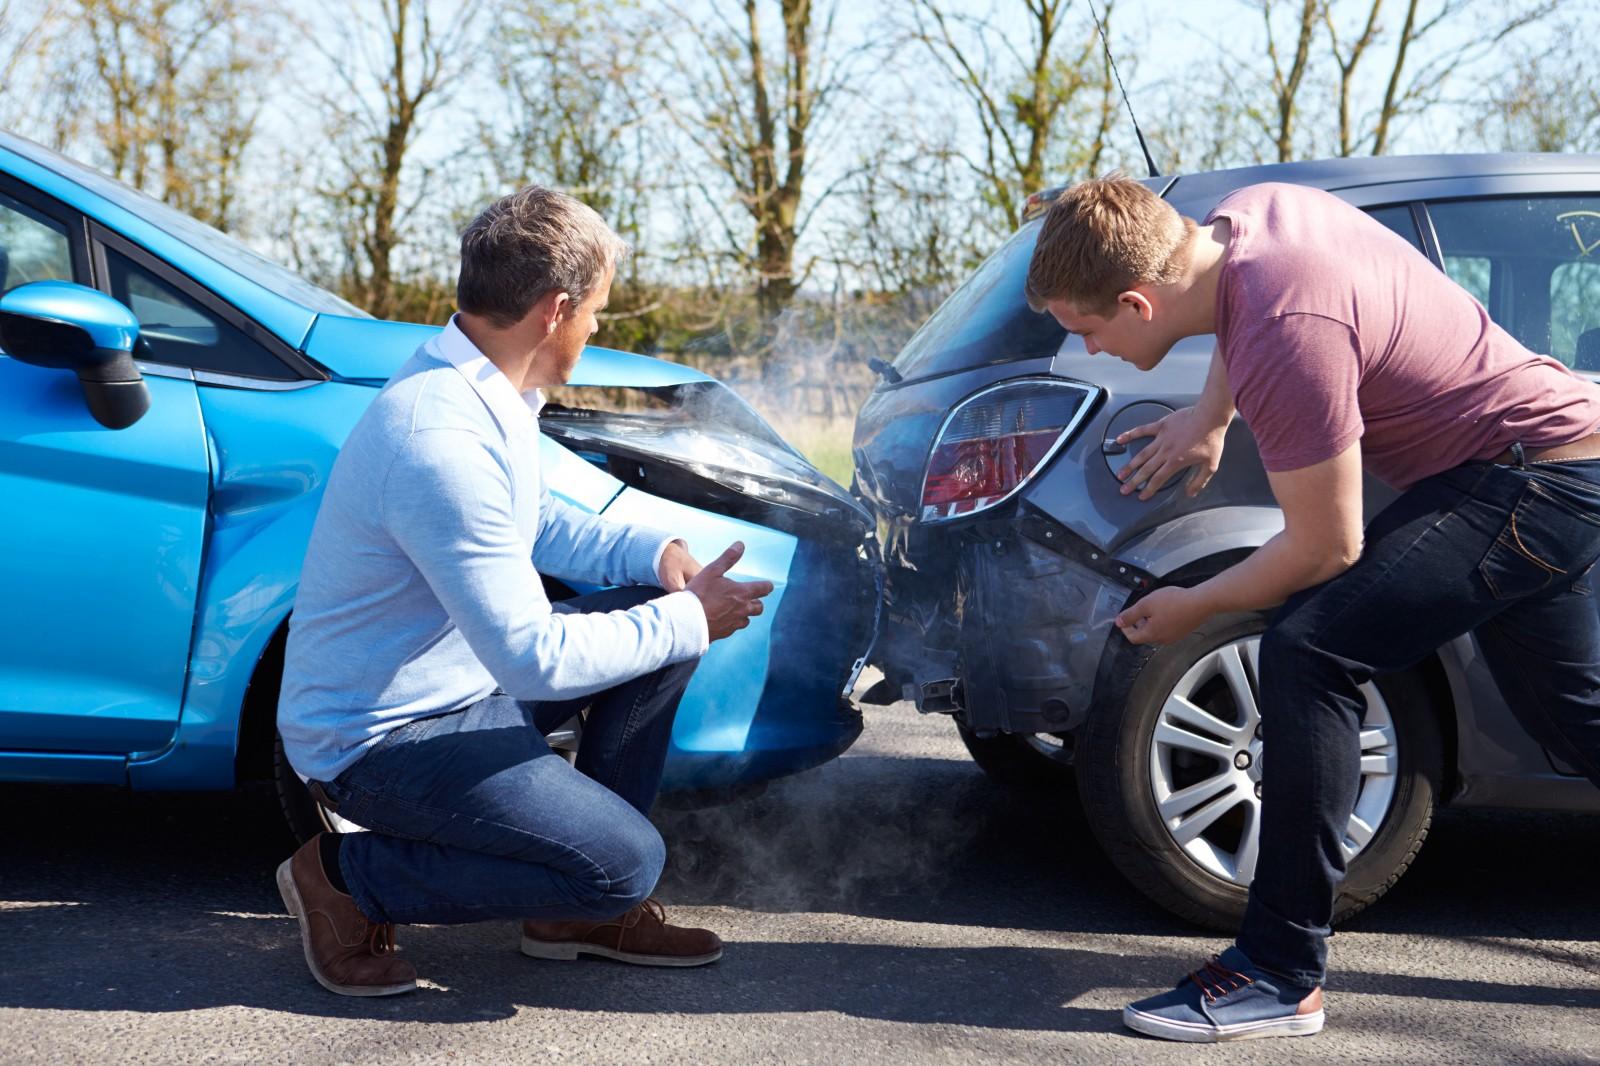 биметаллические как не попасть в аварию на машине убрать